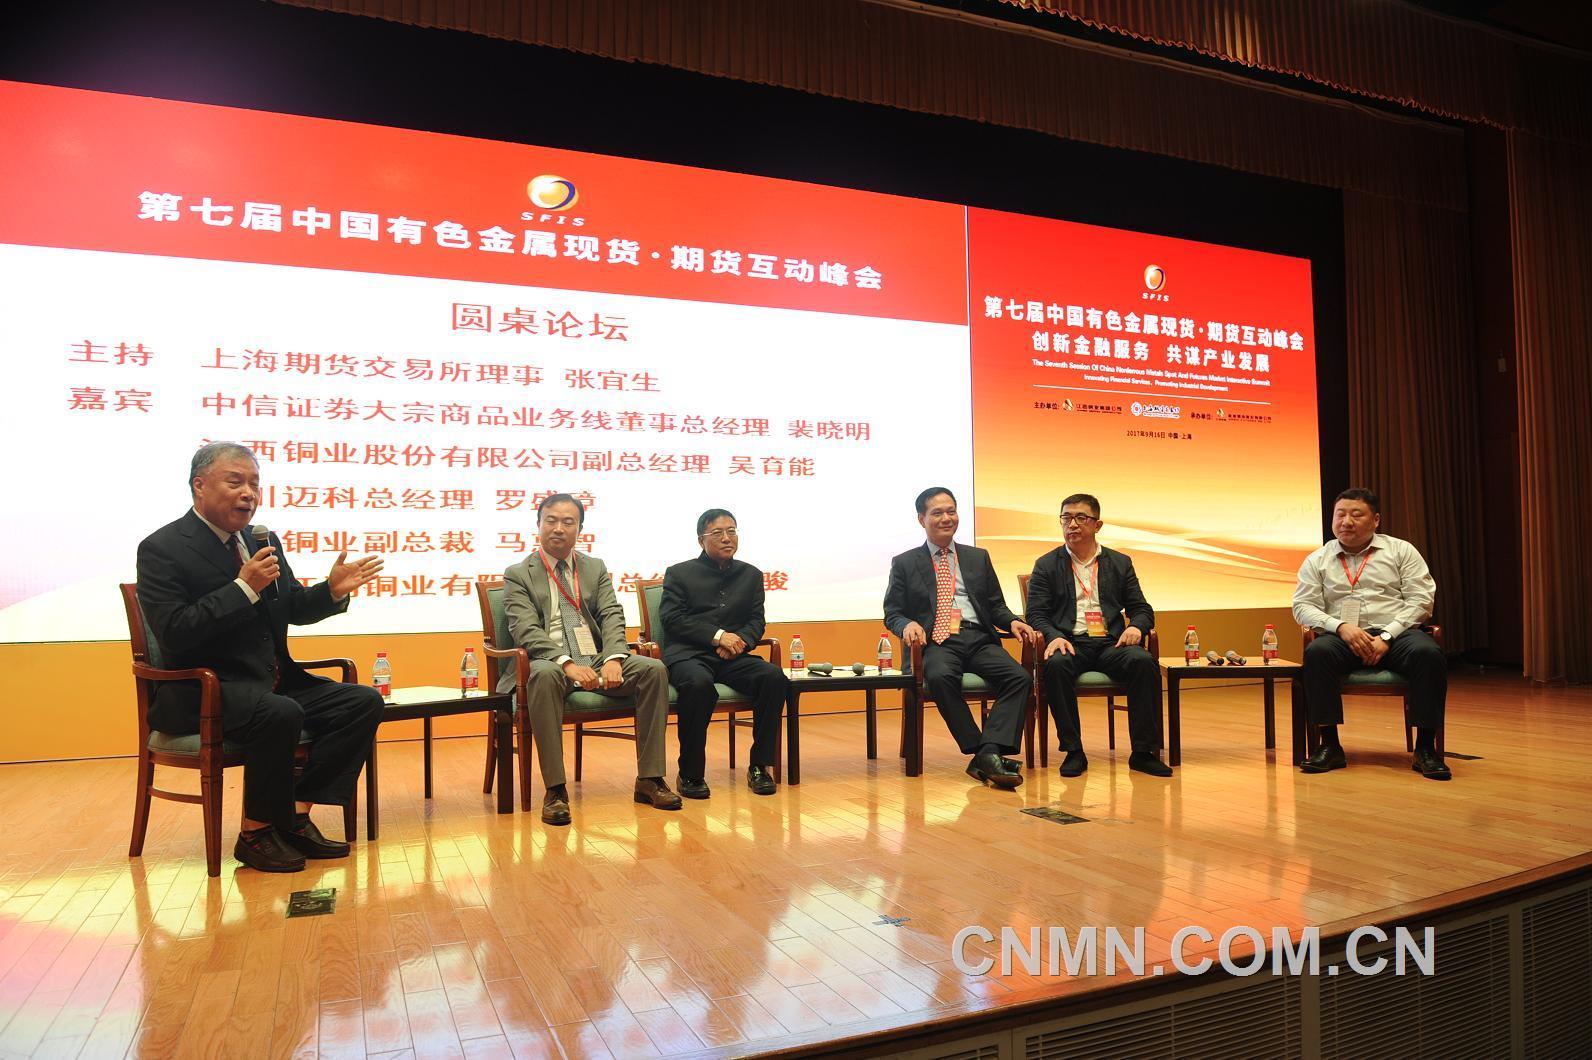 第七届中国有色金属现货•期货互动峰会在沪召开